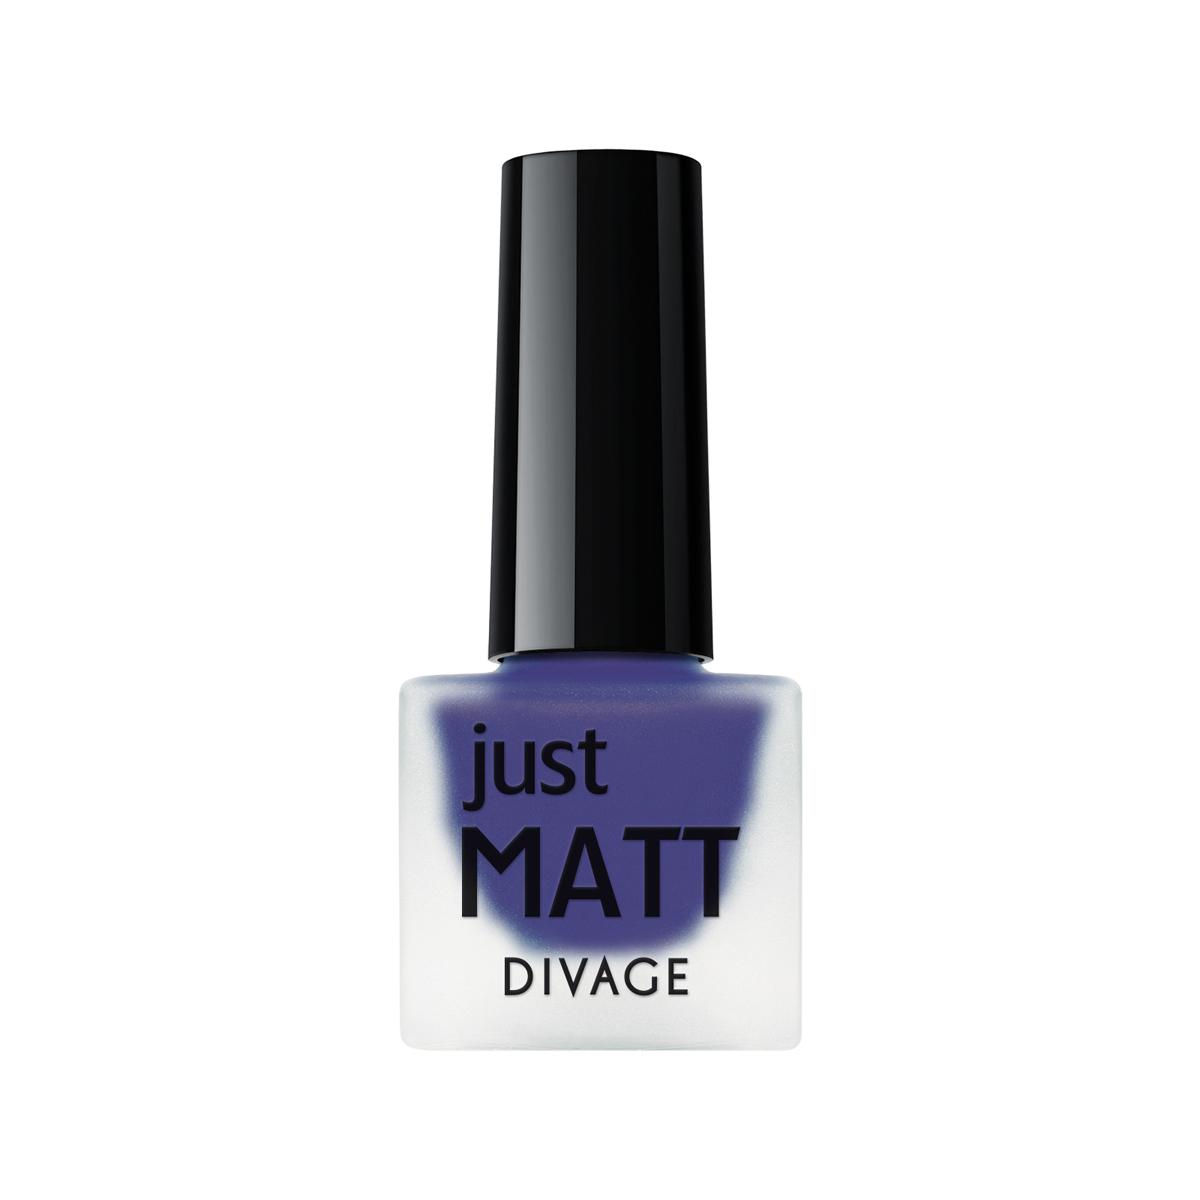 DIVAGE Лак для ногтей JUST MATT, тон № 5603, 7 мл28032022Легкая мягкая текстура лака позволяет выполнить маникюр с эффектом матового покрытия. Настоящая бархатная фантазия для твоего образа. Лак выравнивает неровности ногтевой пластины и позволяет создать идеальный маникюр с насыщенным цветом в один слой. Коллекция постоянно дополняется и обновляется новыми актуальными цветами. С оттенками коллекции JUST MATT легко воплотить в жизнь различные nail-дизайны, и каждый раз ваш маникюр будет смотреться стильно и по-новому!Легкая мягкая текстура лака позволяет выполнить маникюр с эффектом матового покрытия.Настоящая бархатная фантазия для твоего образа. Лак выравнивает неровности ногтевой пластины и позволяет создать идеальный маникюр с насыщенным цветом в один слой. Коллекция постоянно дополняется и обновляется новыми актуальными цветами.